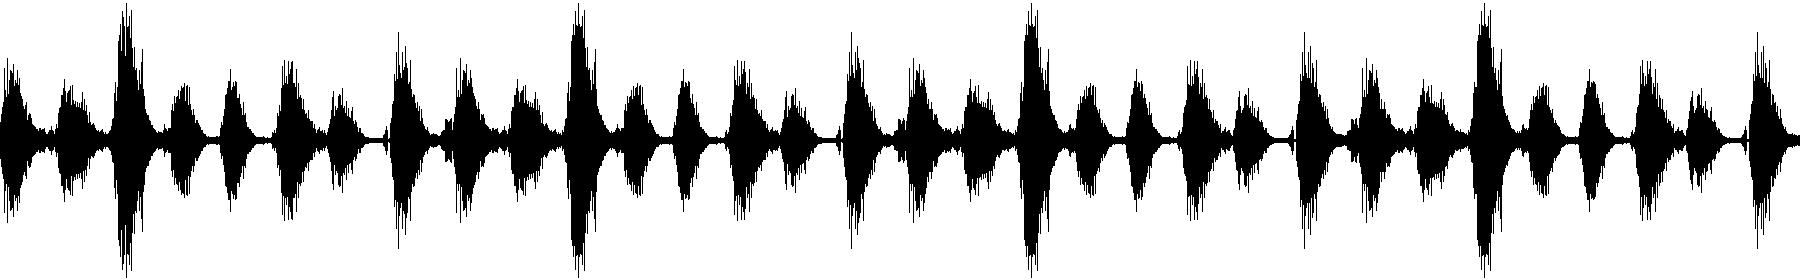 ehp percloop 127 02